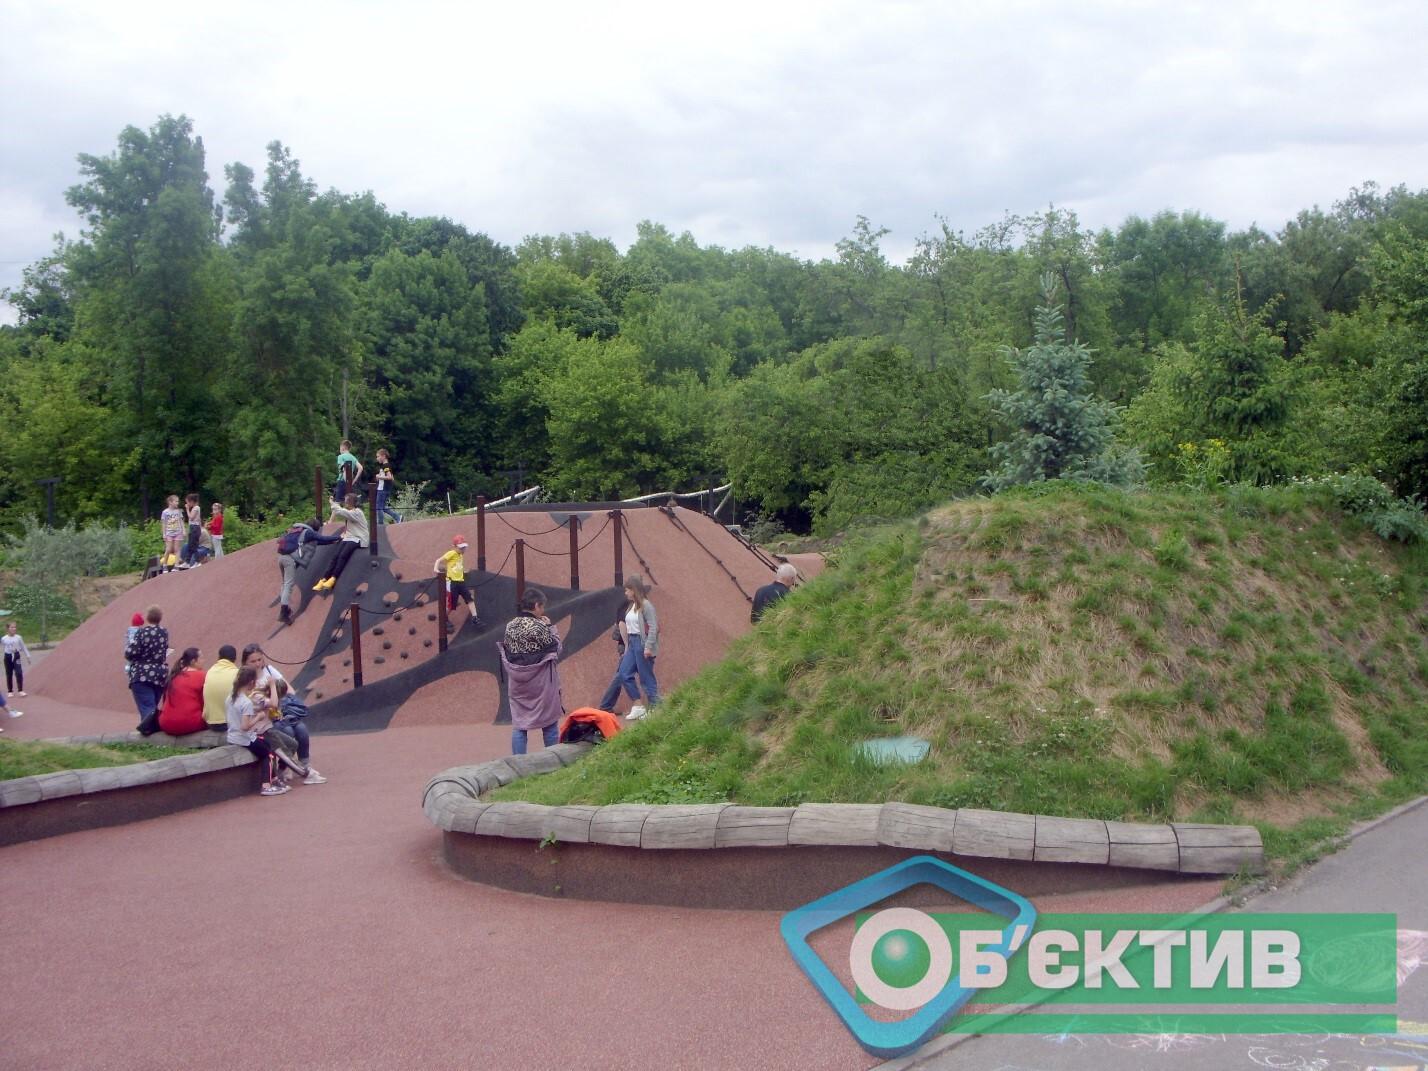 Саржин яр в Харькове, детская площадка с вулканом